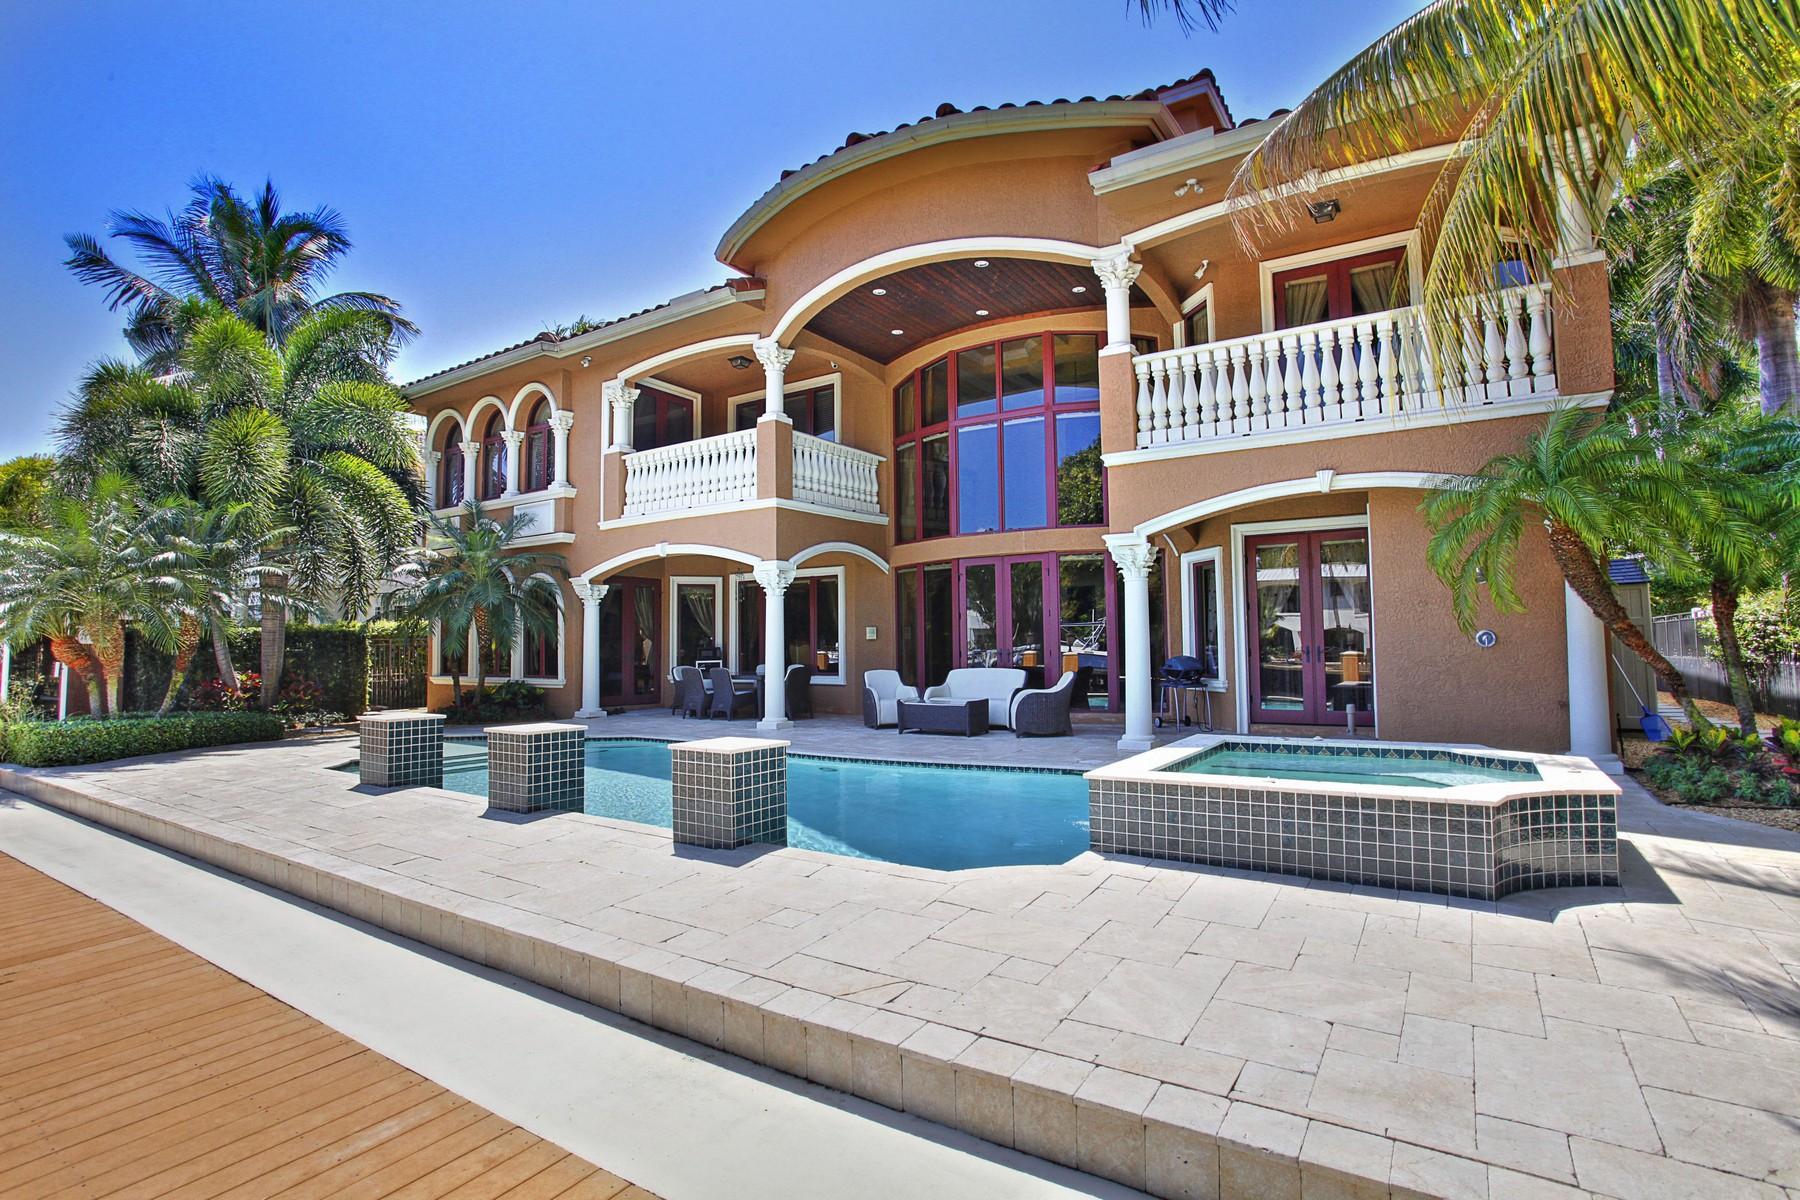 独户住宅 为 销售 在 42 Fiesta Way 劳德代尔堡, 佛罗里达州, 33301 美国